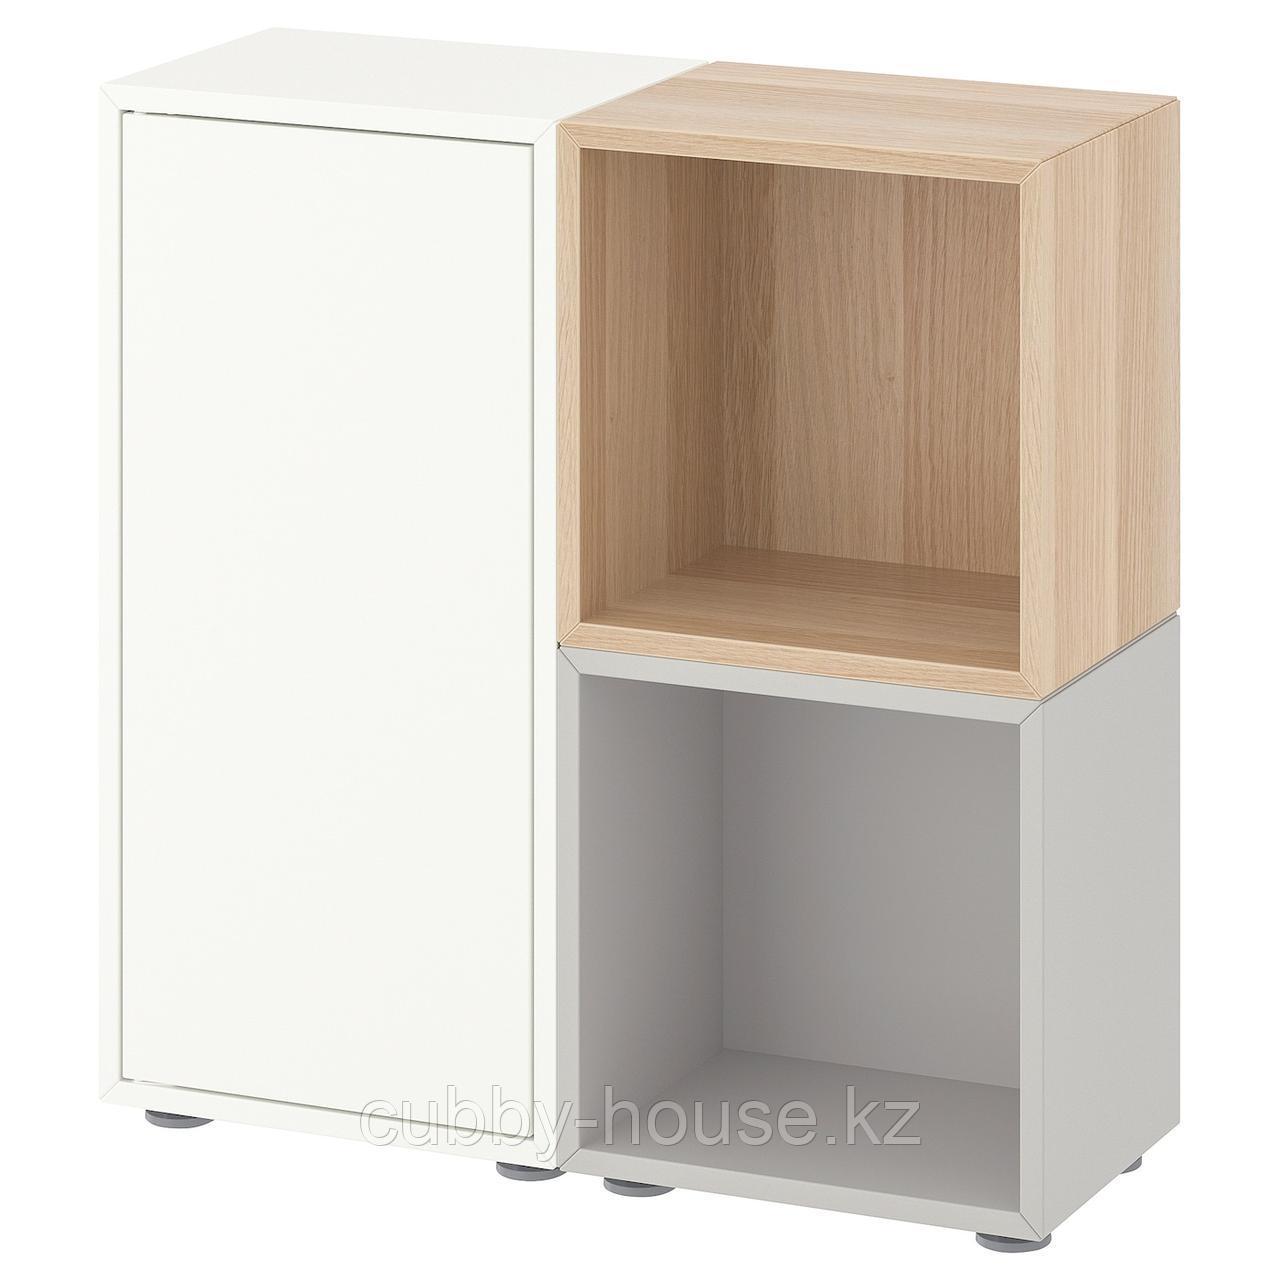 ЭКЕТ Комбинация шкафов с ножками, темно-серый, светло-серый золотисто-коричневый, 70x25x72 см